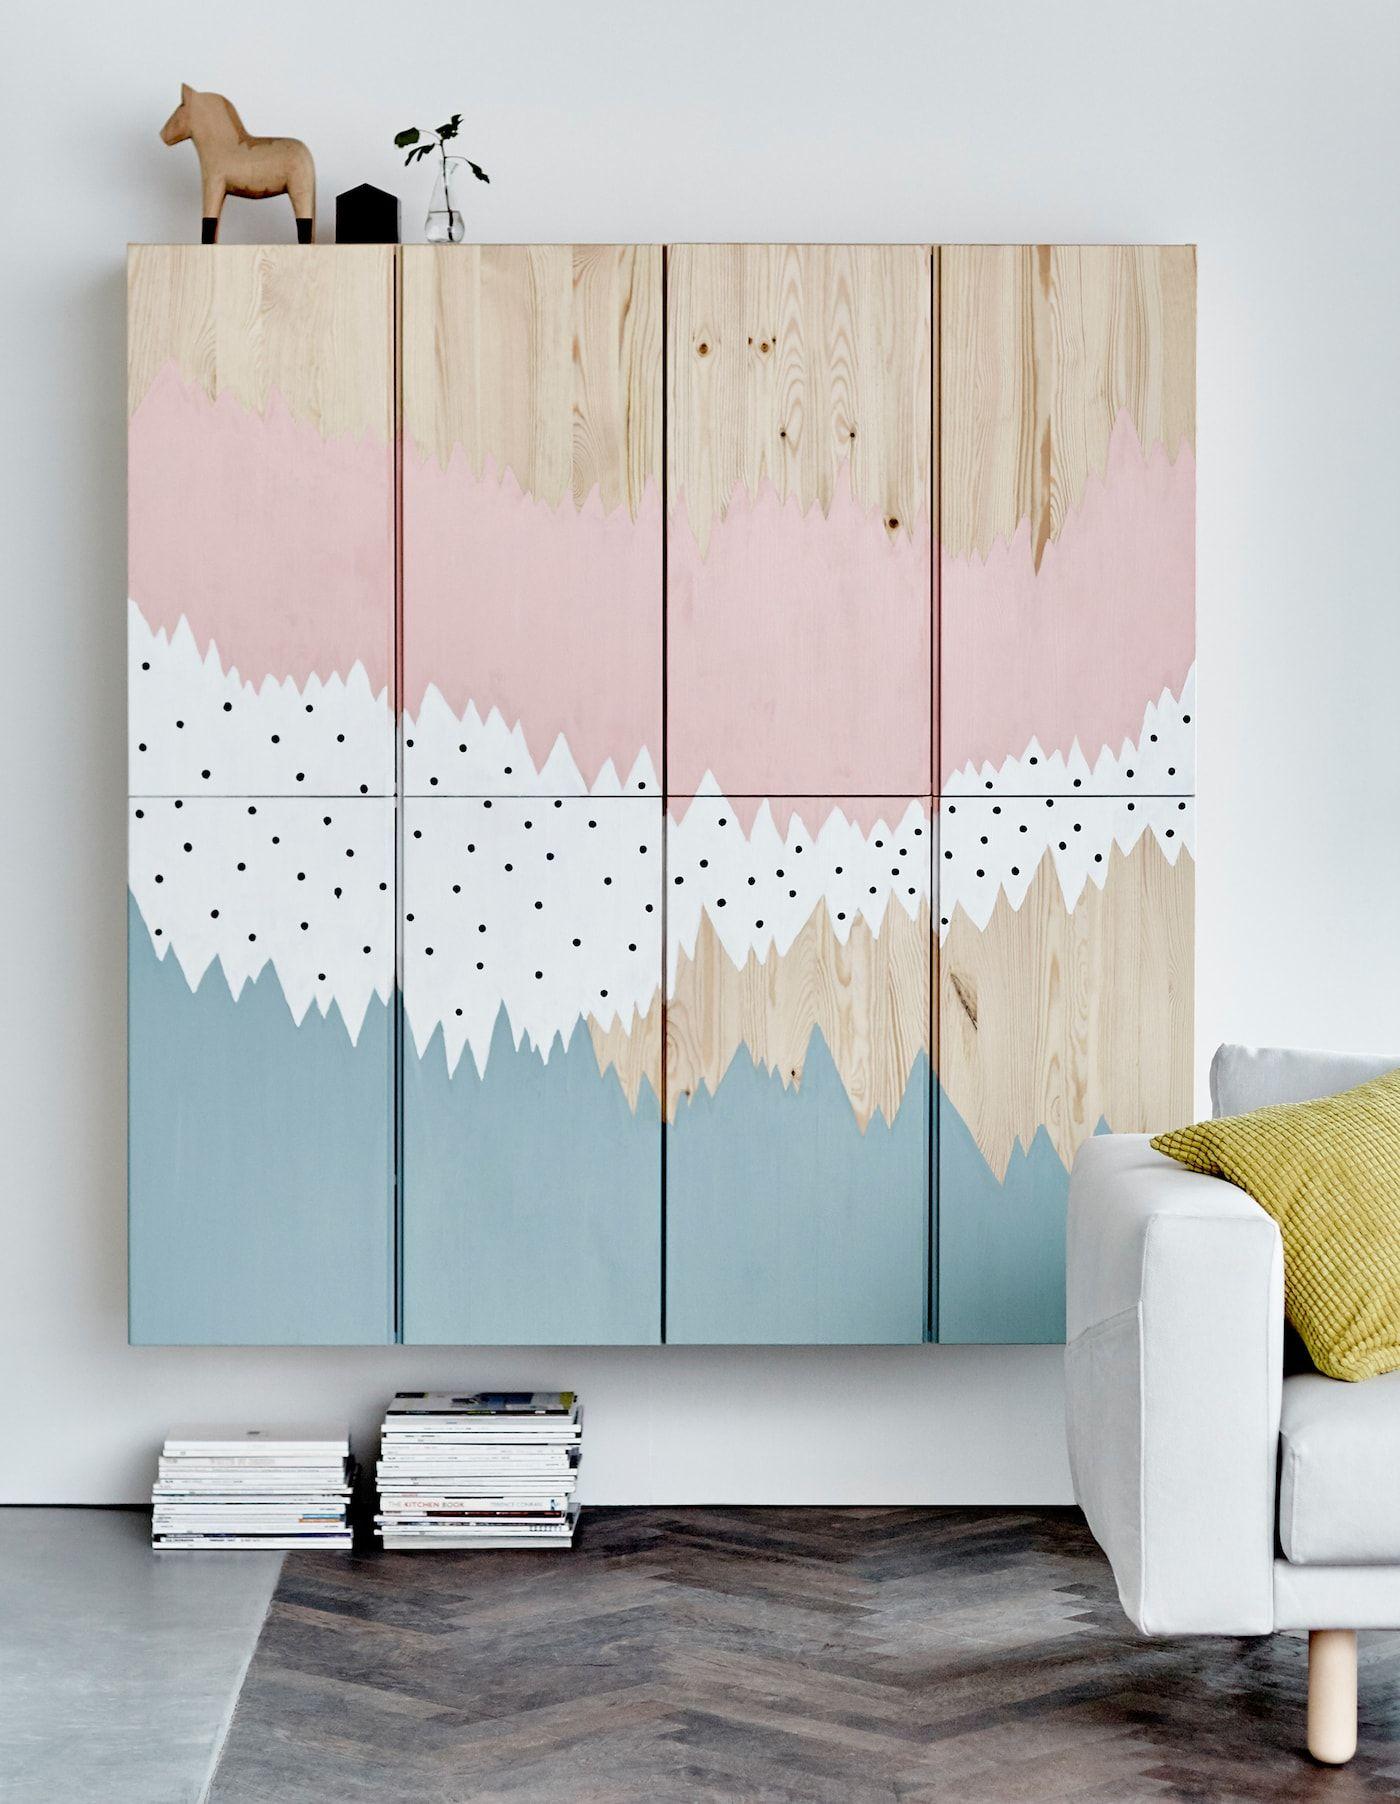 Ivar Schrank Ideen Individuell Kreativ With Images Ikea Art